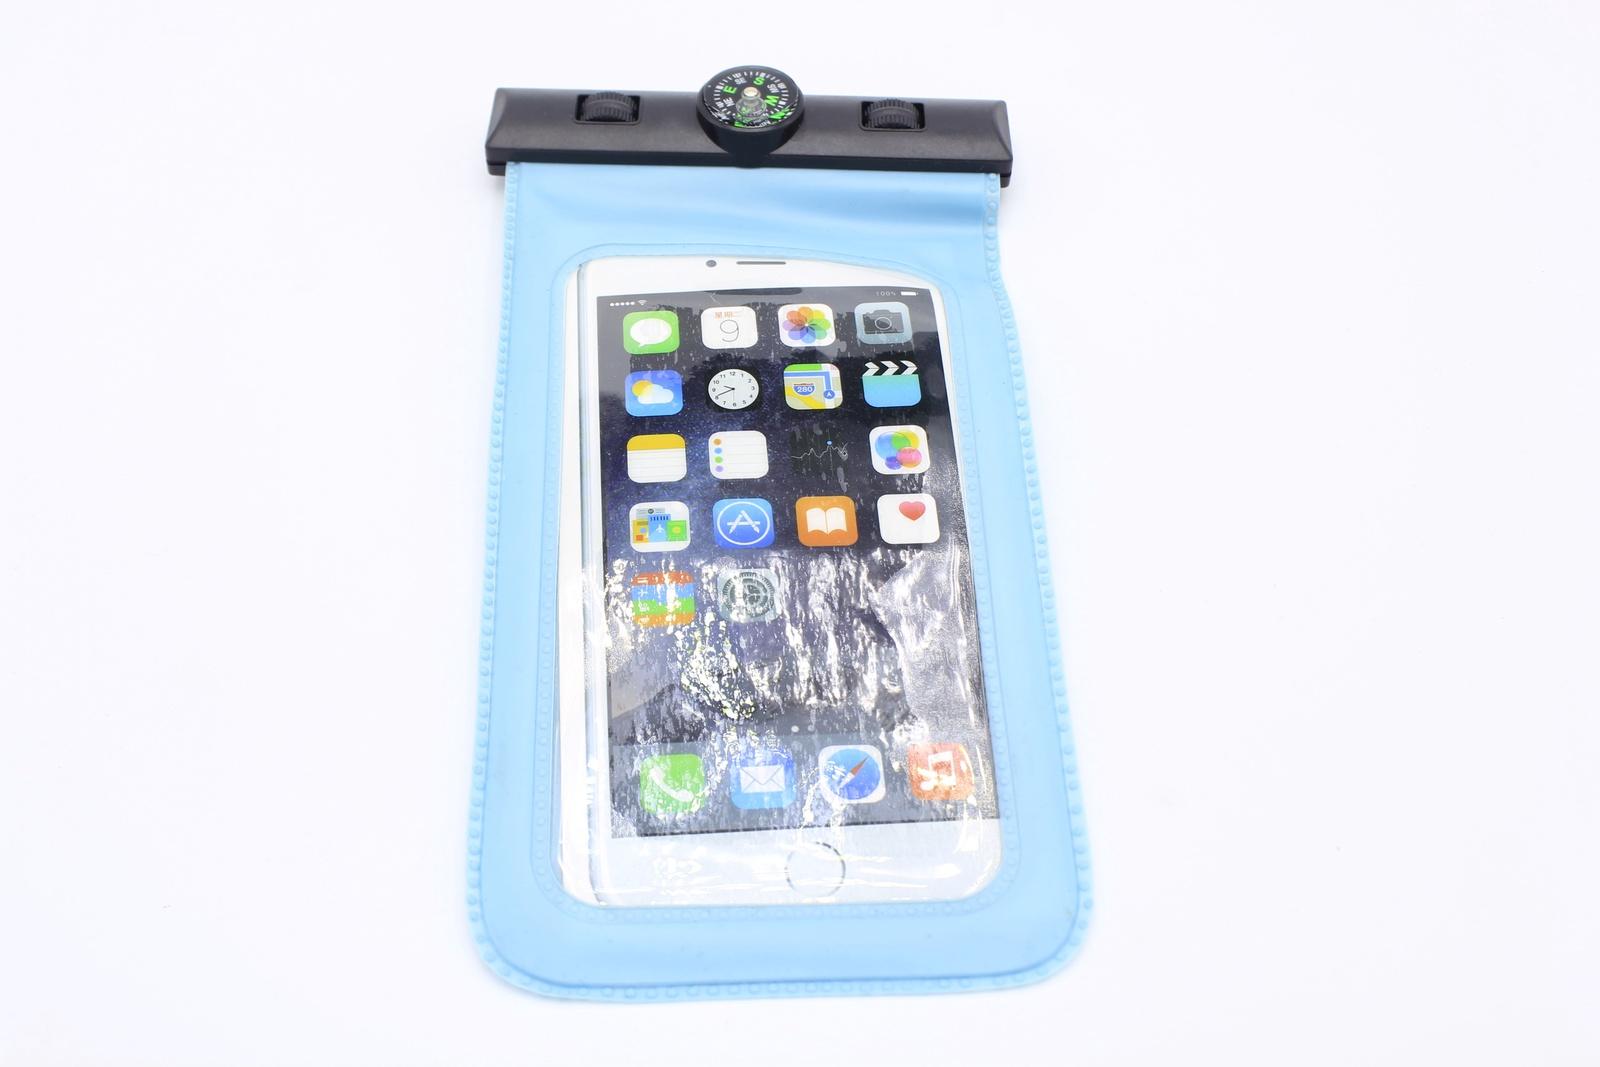 Водонепроницаемый чехол для телефона универсальный с компасом, голубой водонепроницаемый чехол для телефона спб